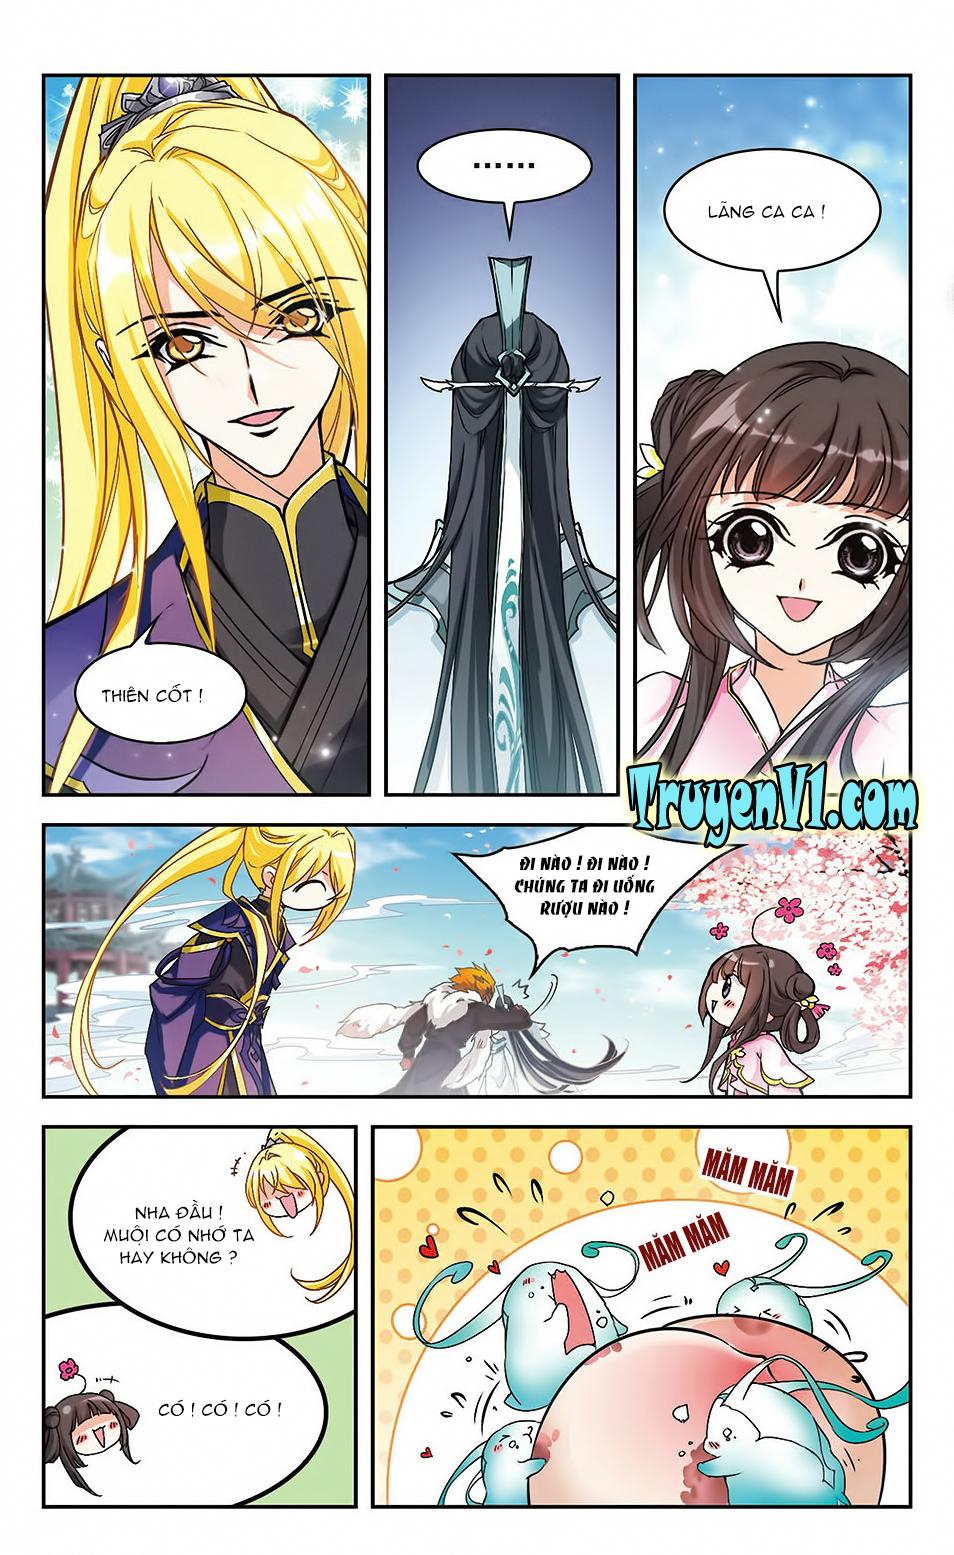 Hoa Thiên Cốt Chap 107 - Trang 11